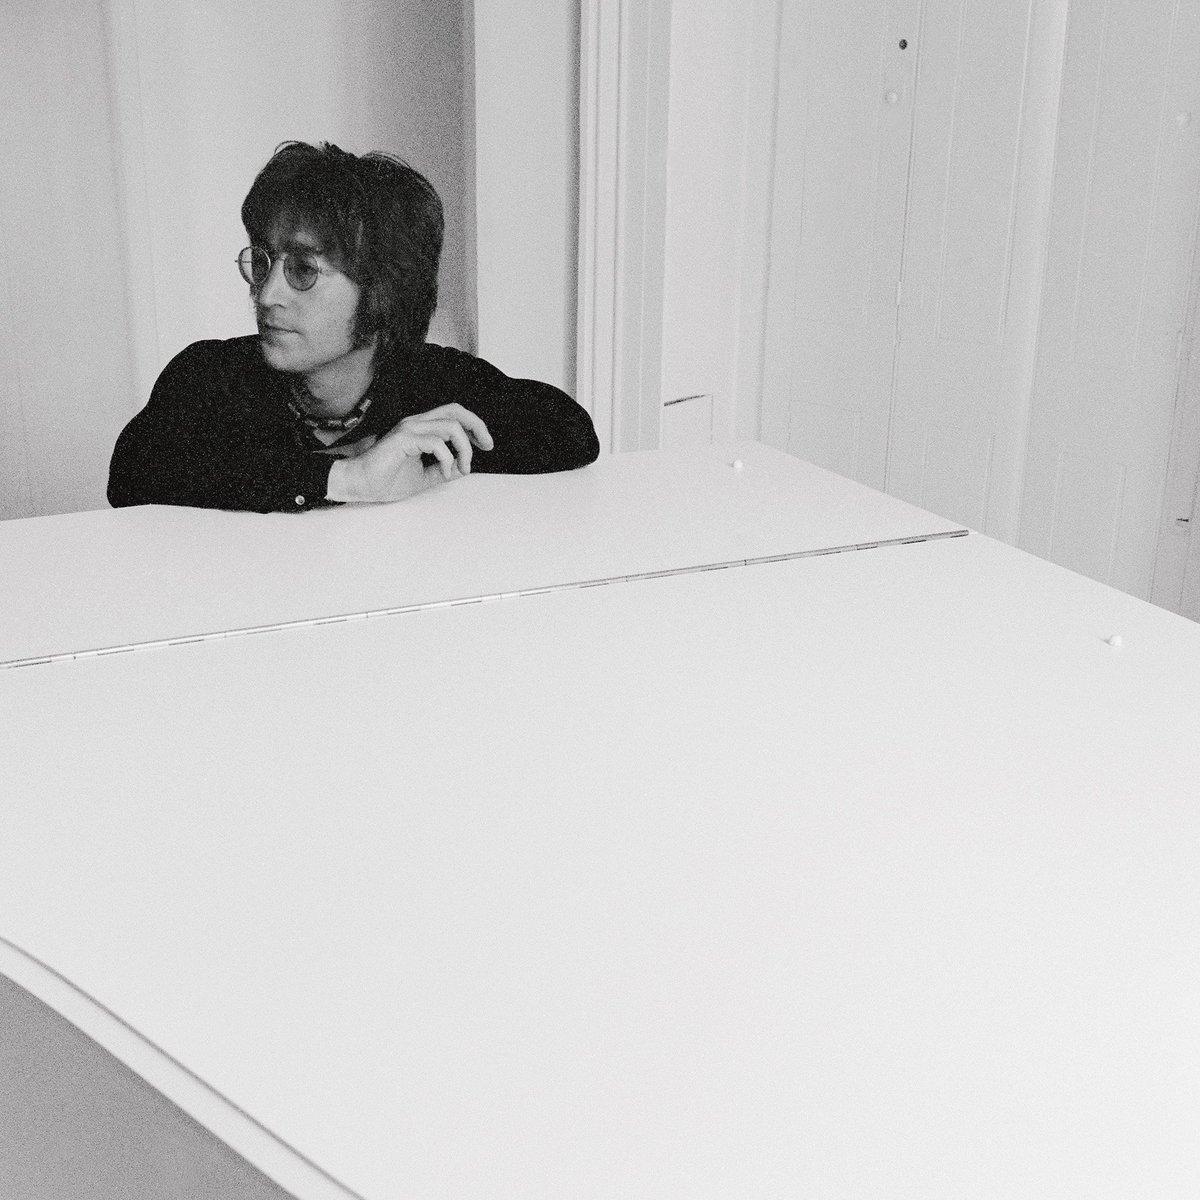 John Lennon On Twitter John Were Not The First To Say Imagine